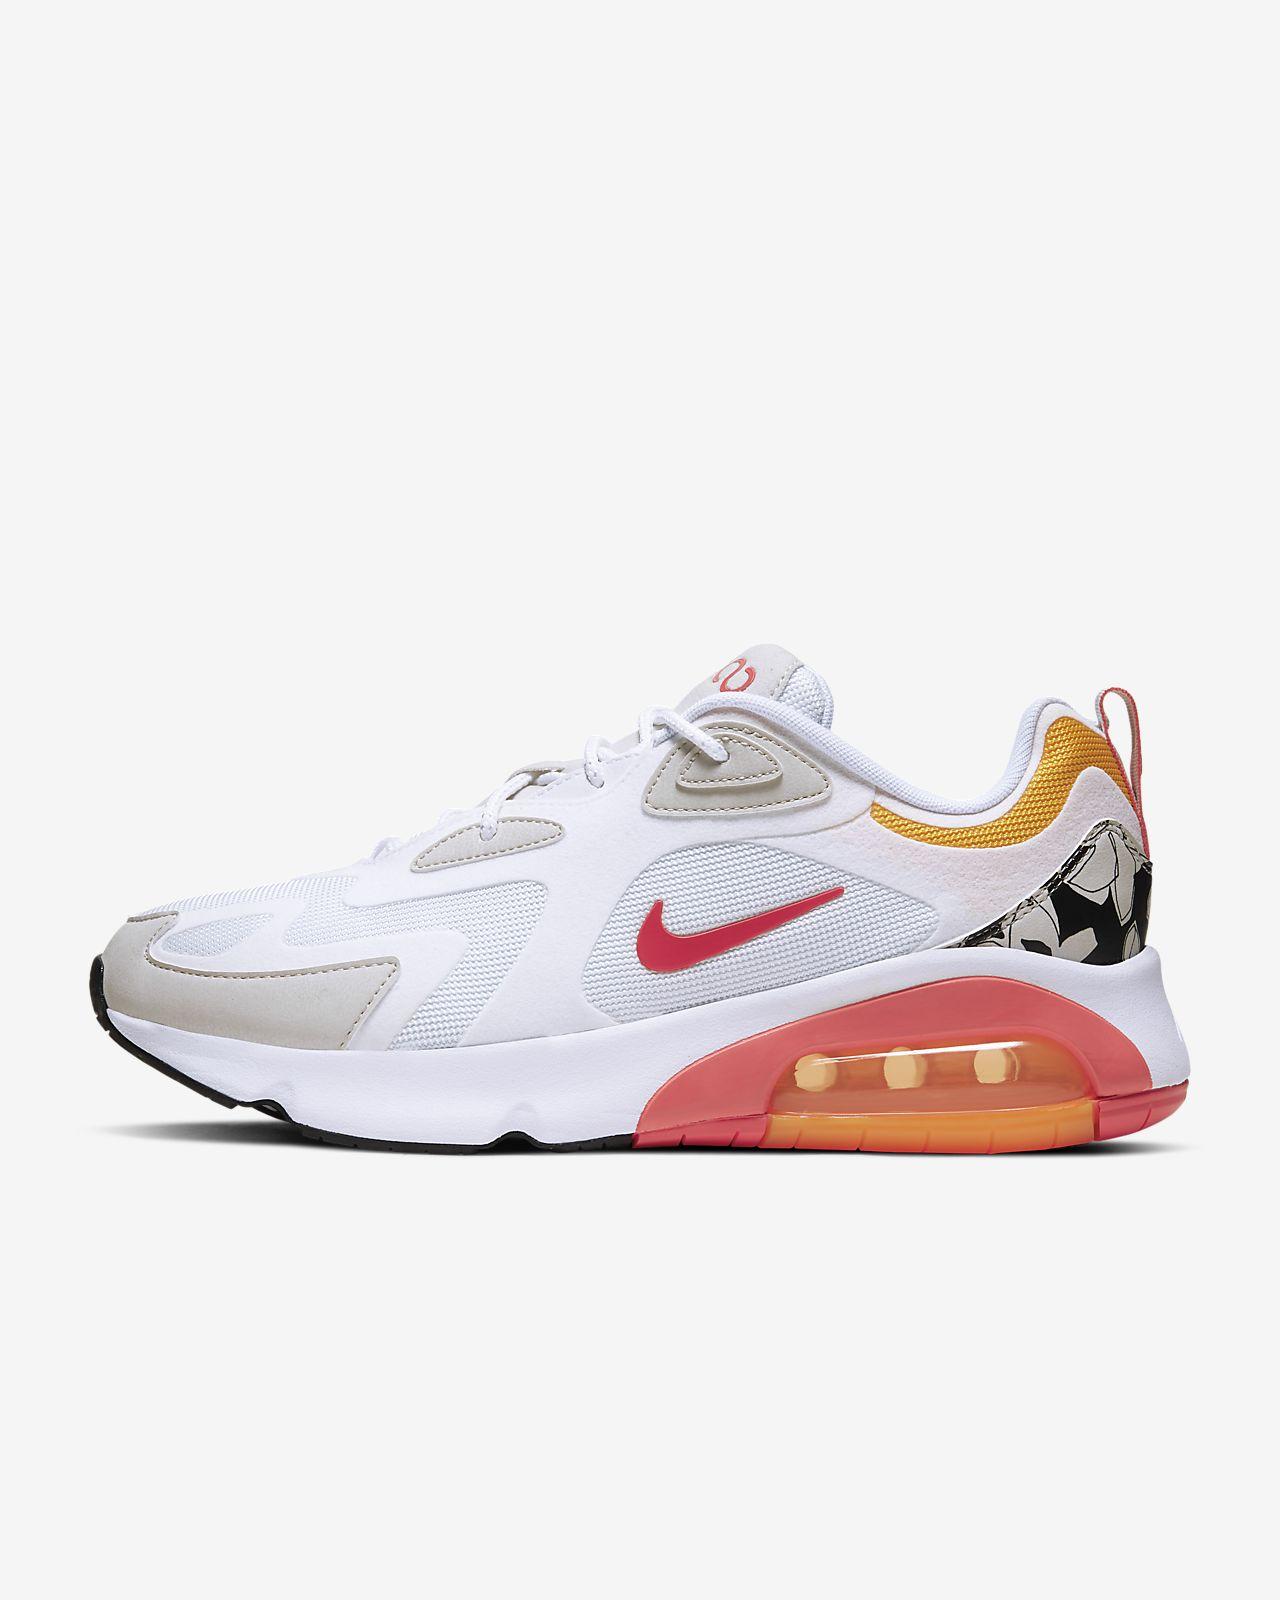 รองเท้าผู้ชาย Nike Air Max 200